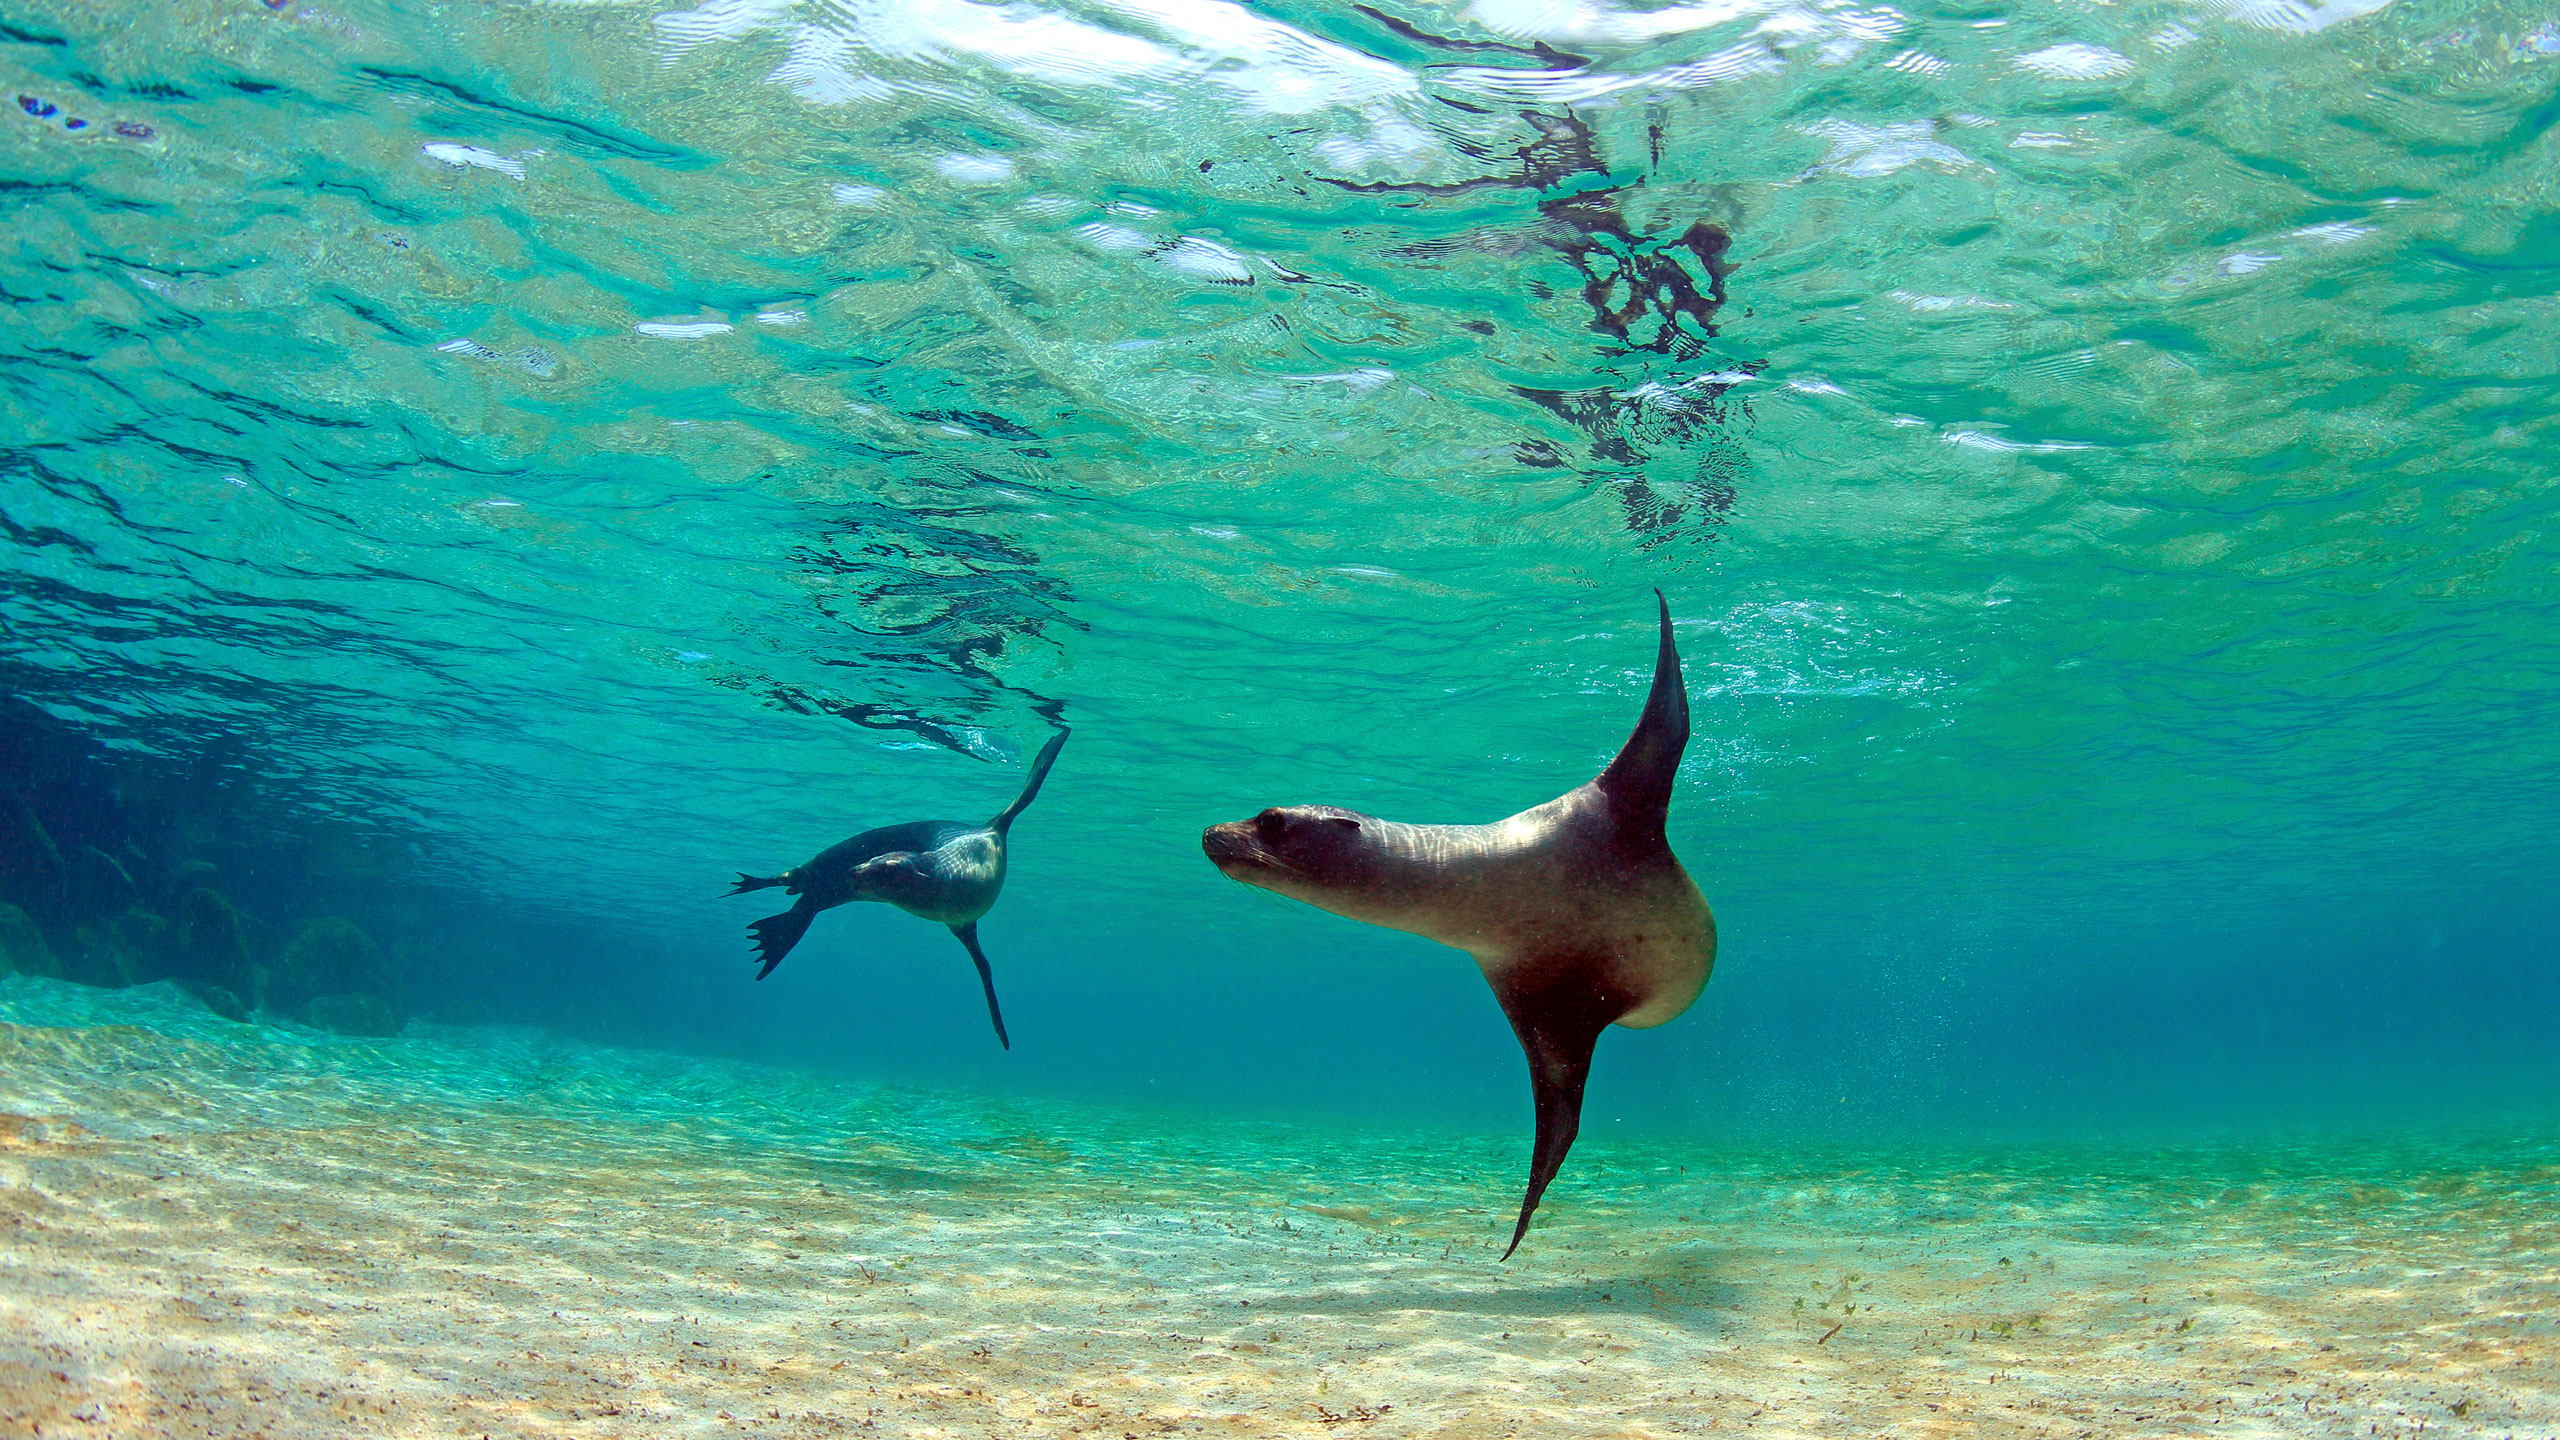 Bildergebnis für Galapagos islands